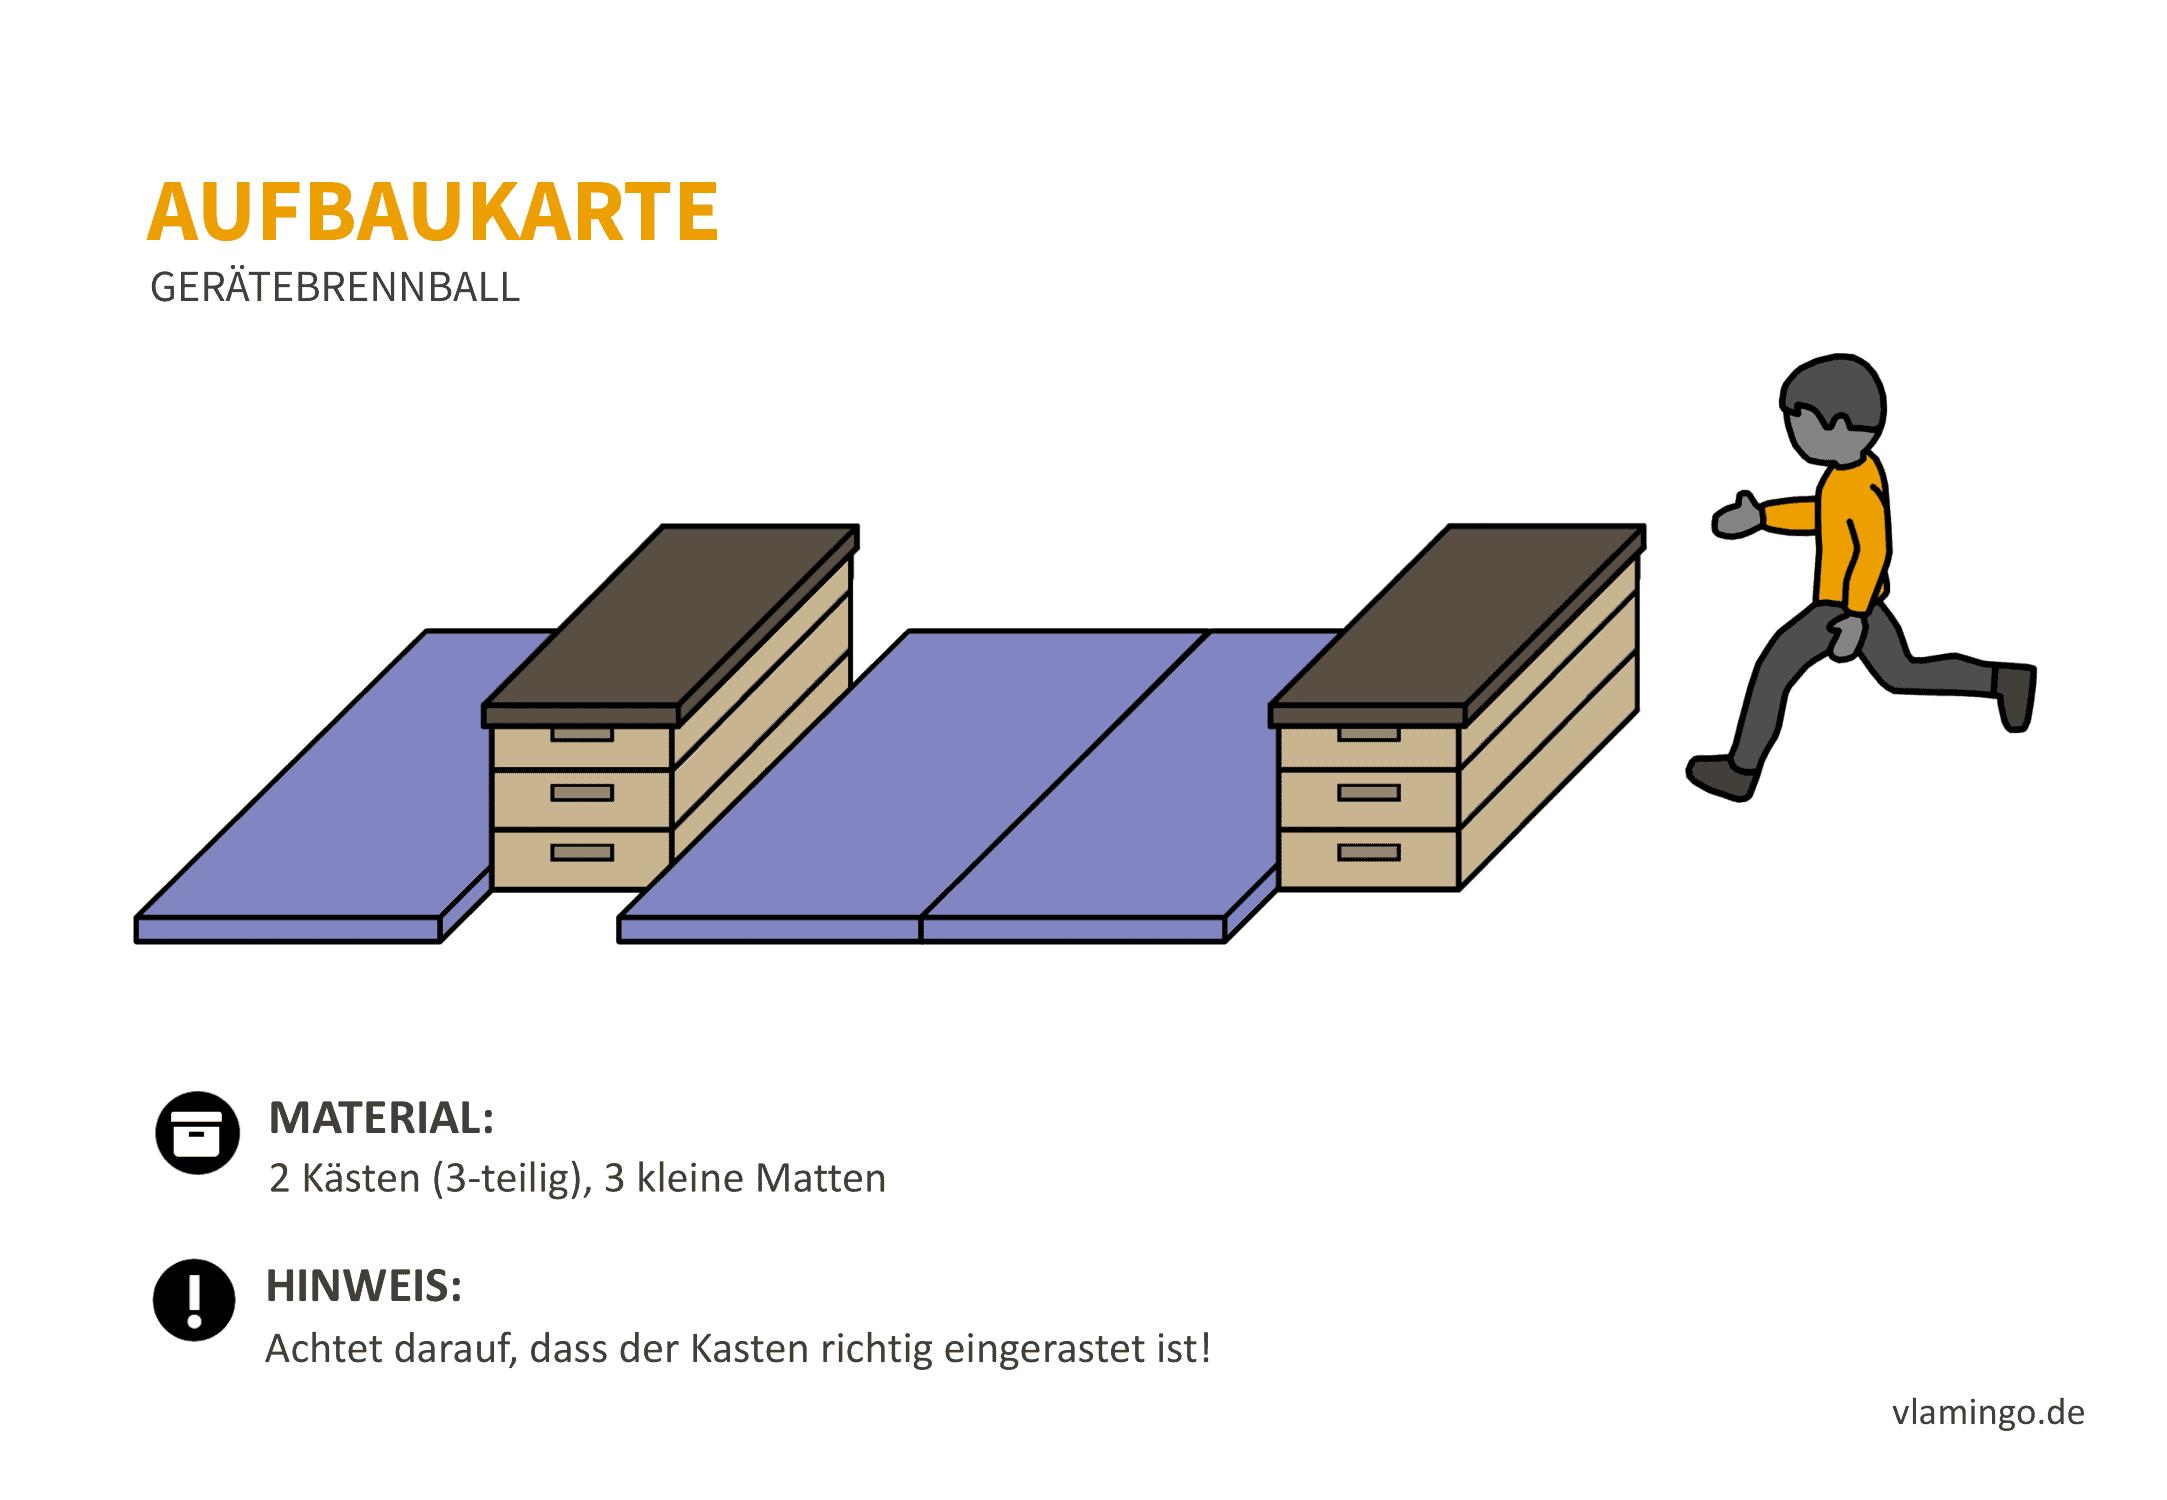 Gerätebrennball - Aufbaukarte 2